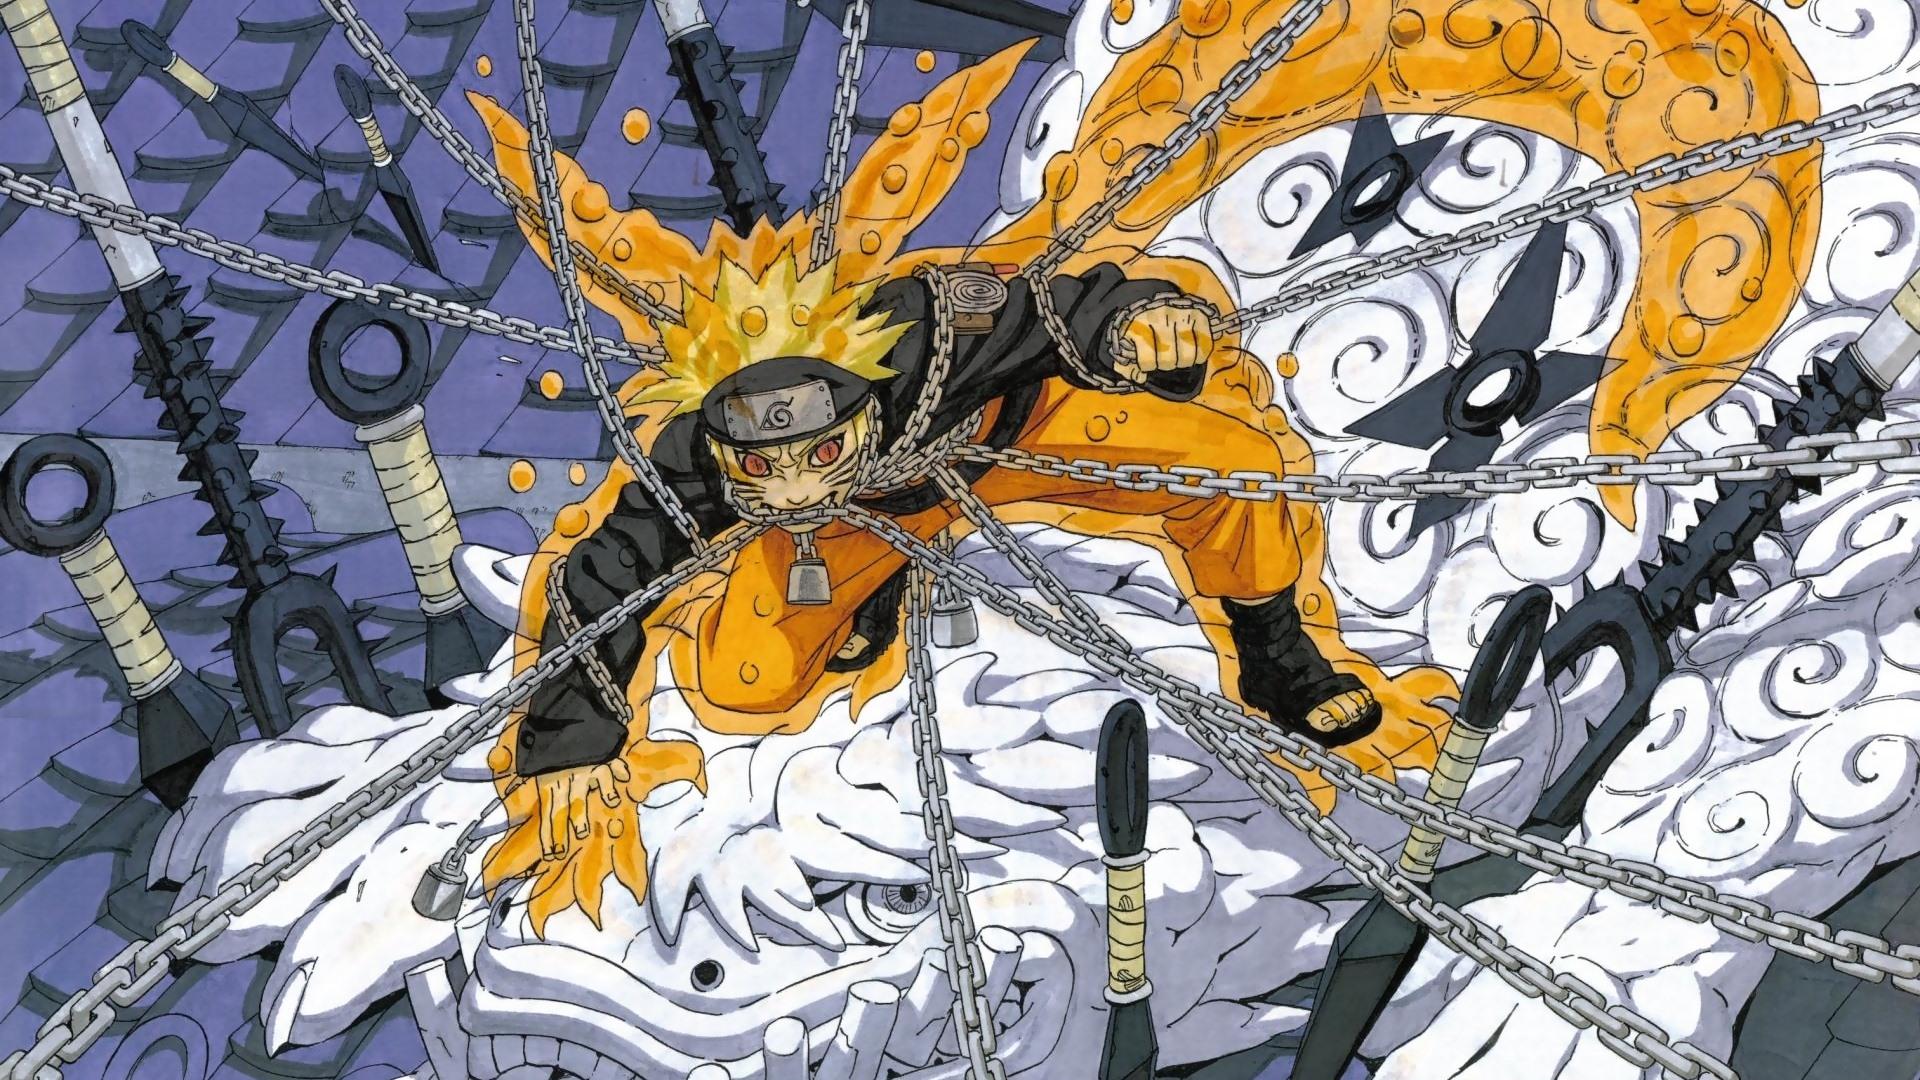 火影壁纸火影忍者鸣人与九尾高清壁纸